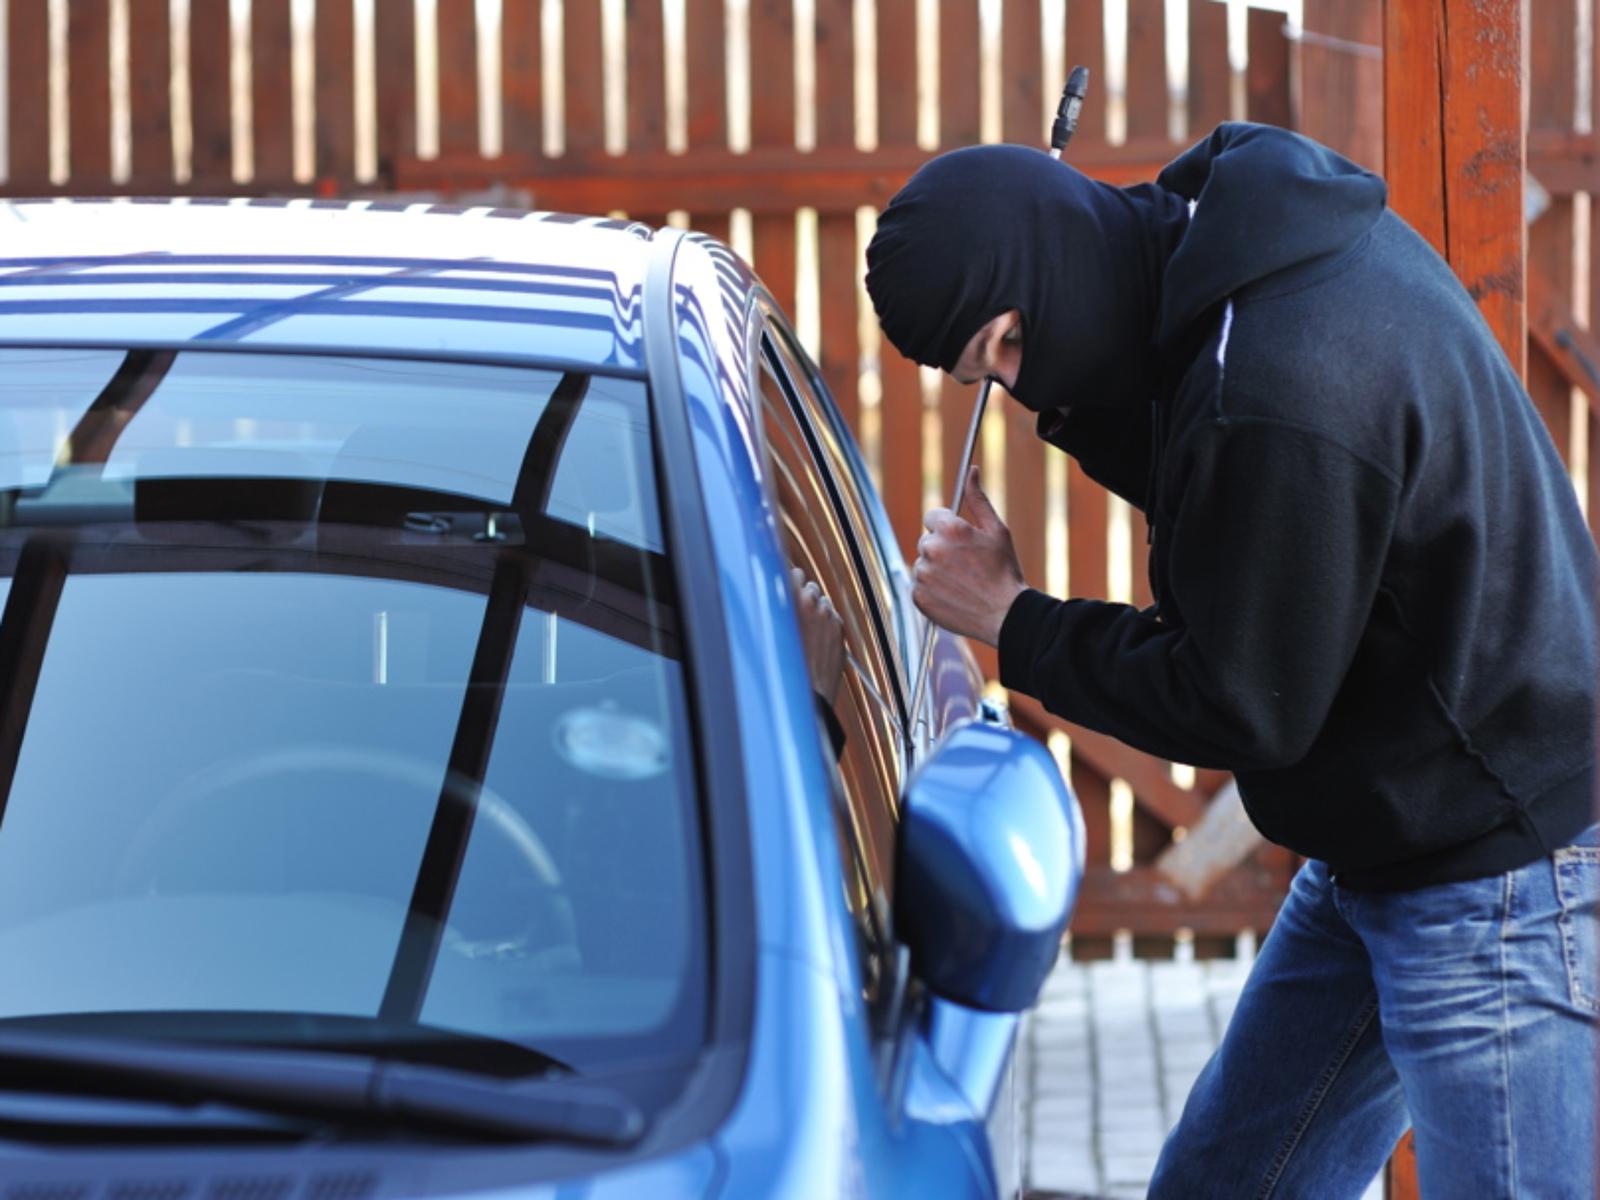 Un hombre está intentando abrir la puerta de un auto